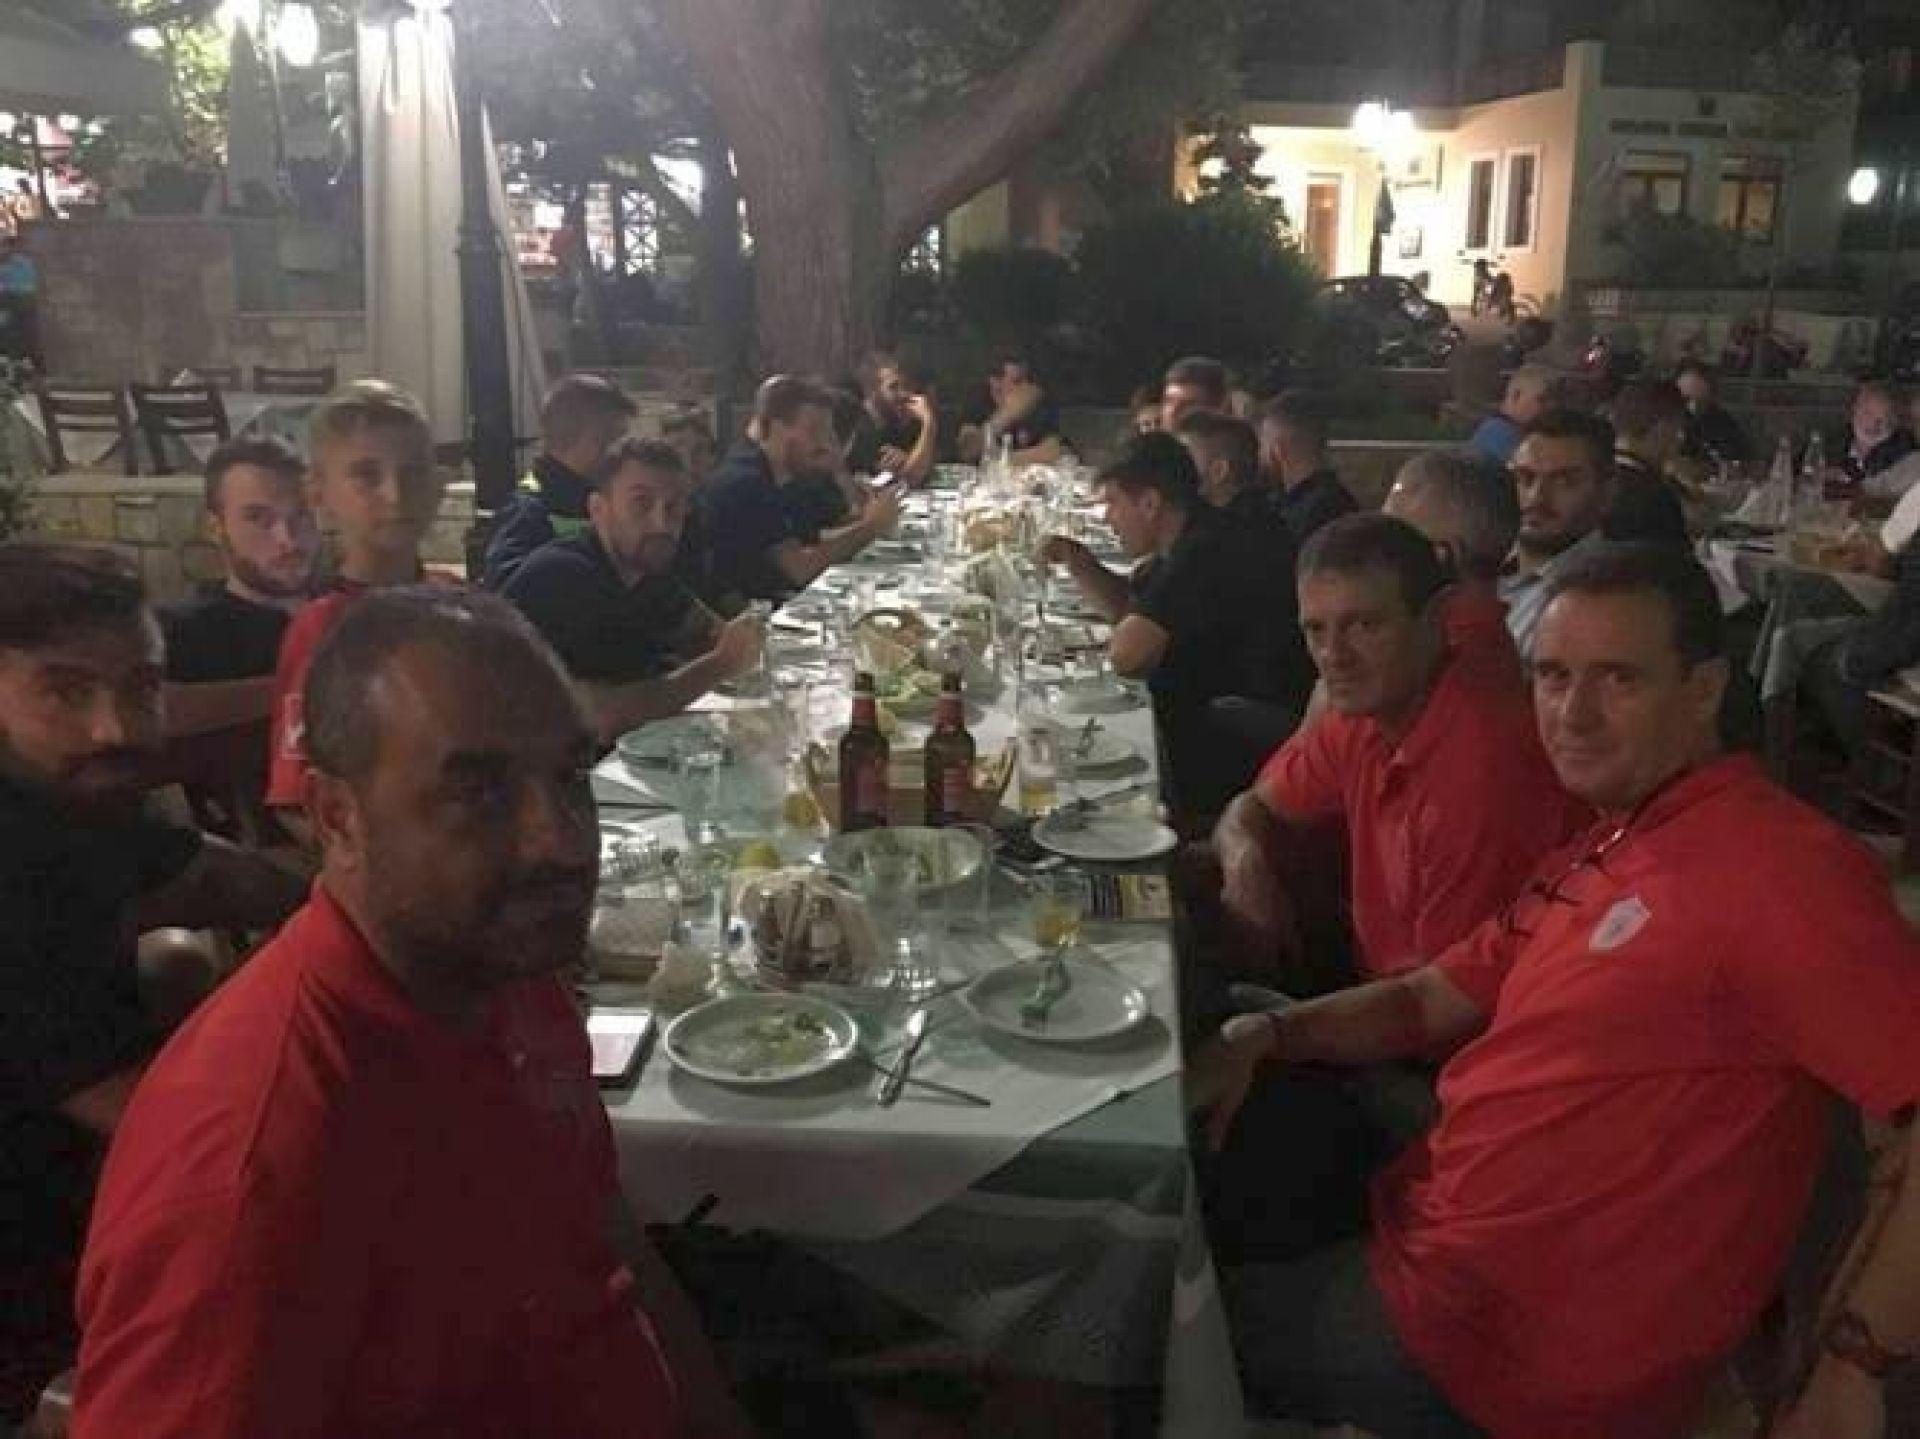 Κρητική φιλοξενία του Γιούχτα που παρέθεσε δείπνο στη Θύελλα Καμαρίου